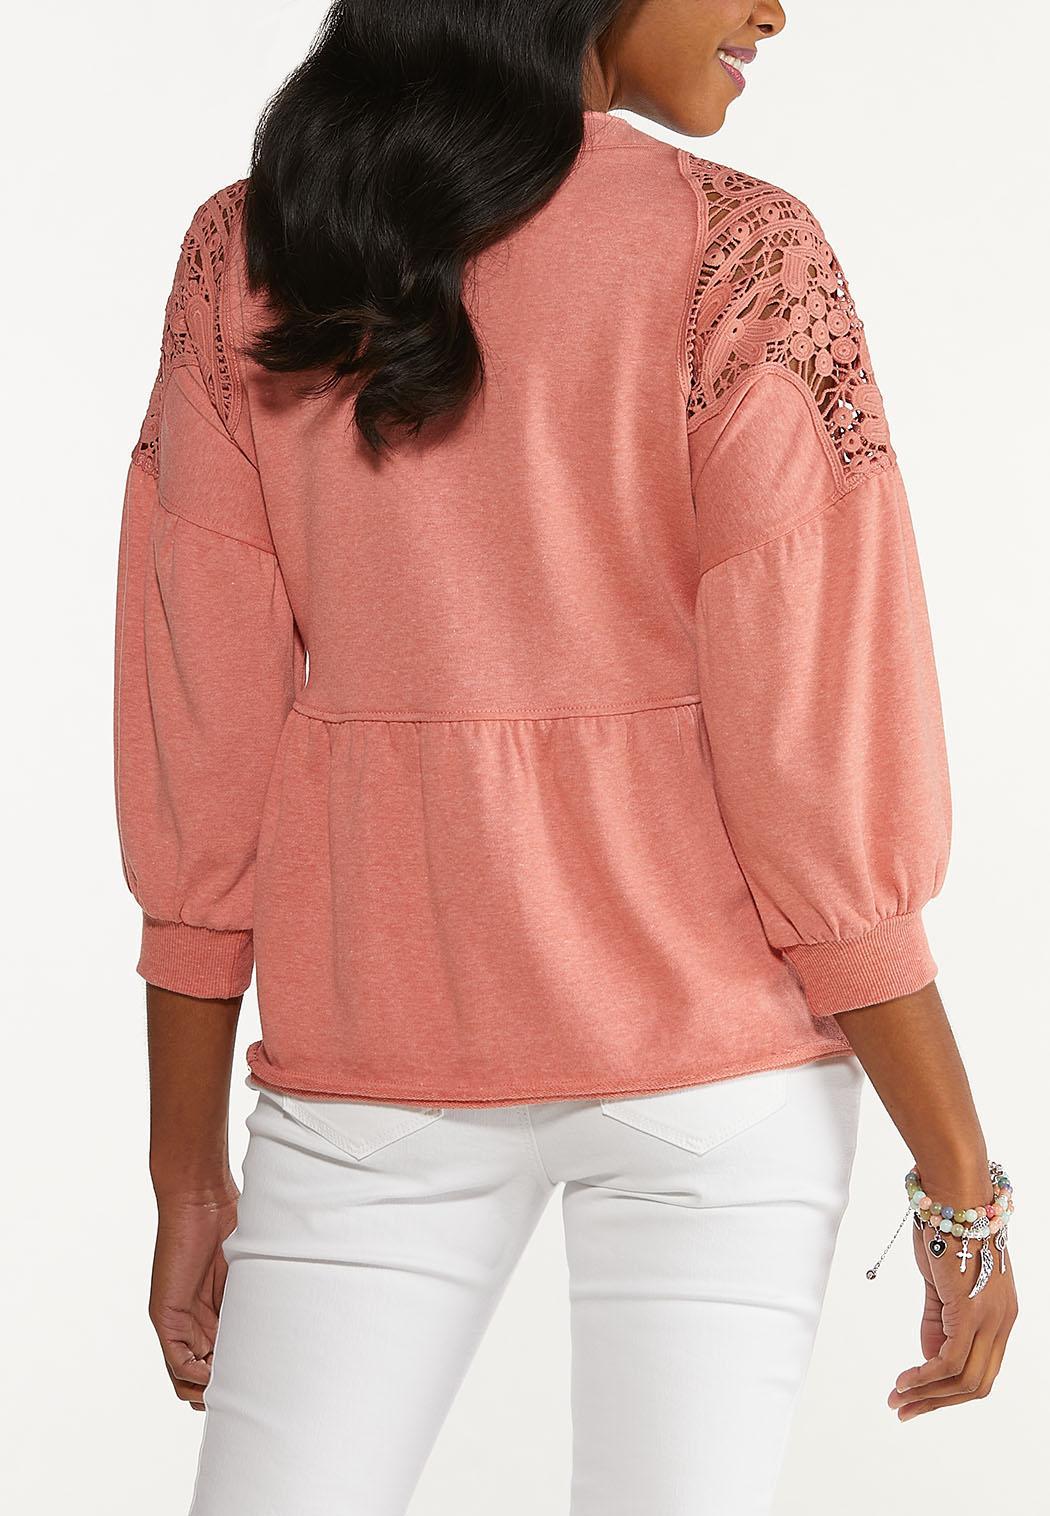 Lace Trim Babydoll Sweatshirt (Item #44589434)